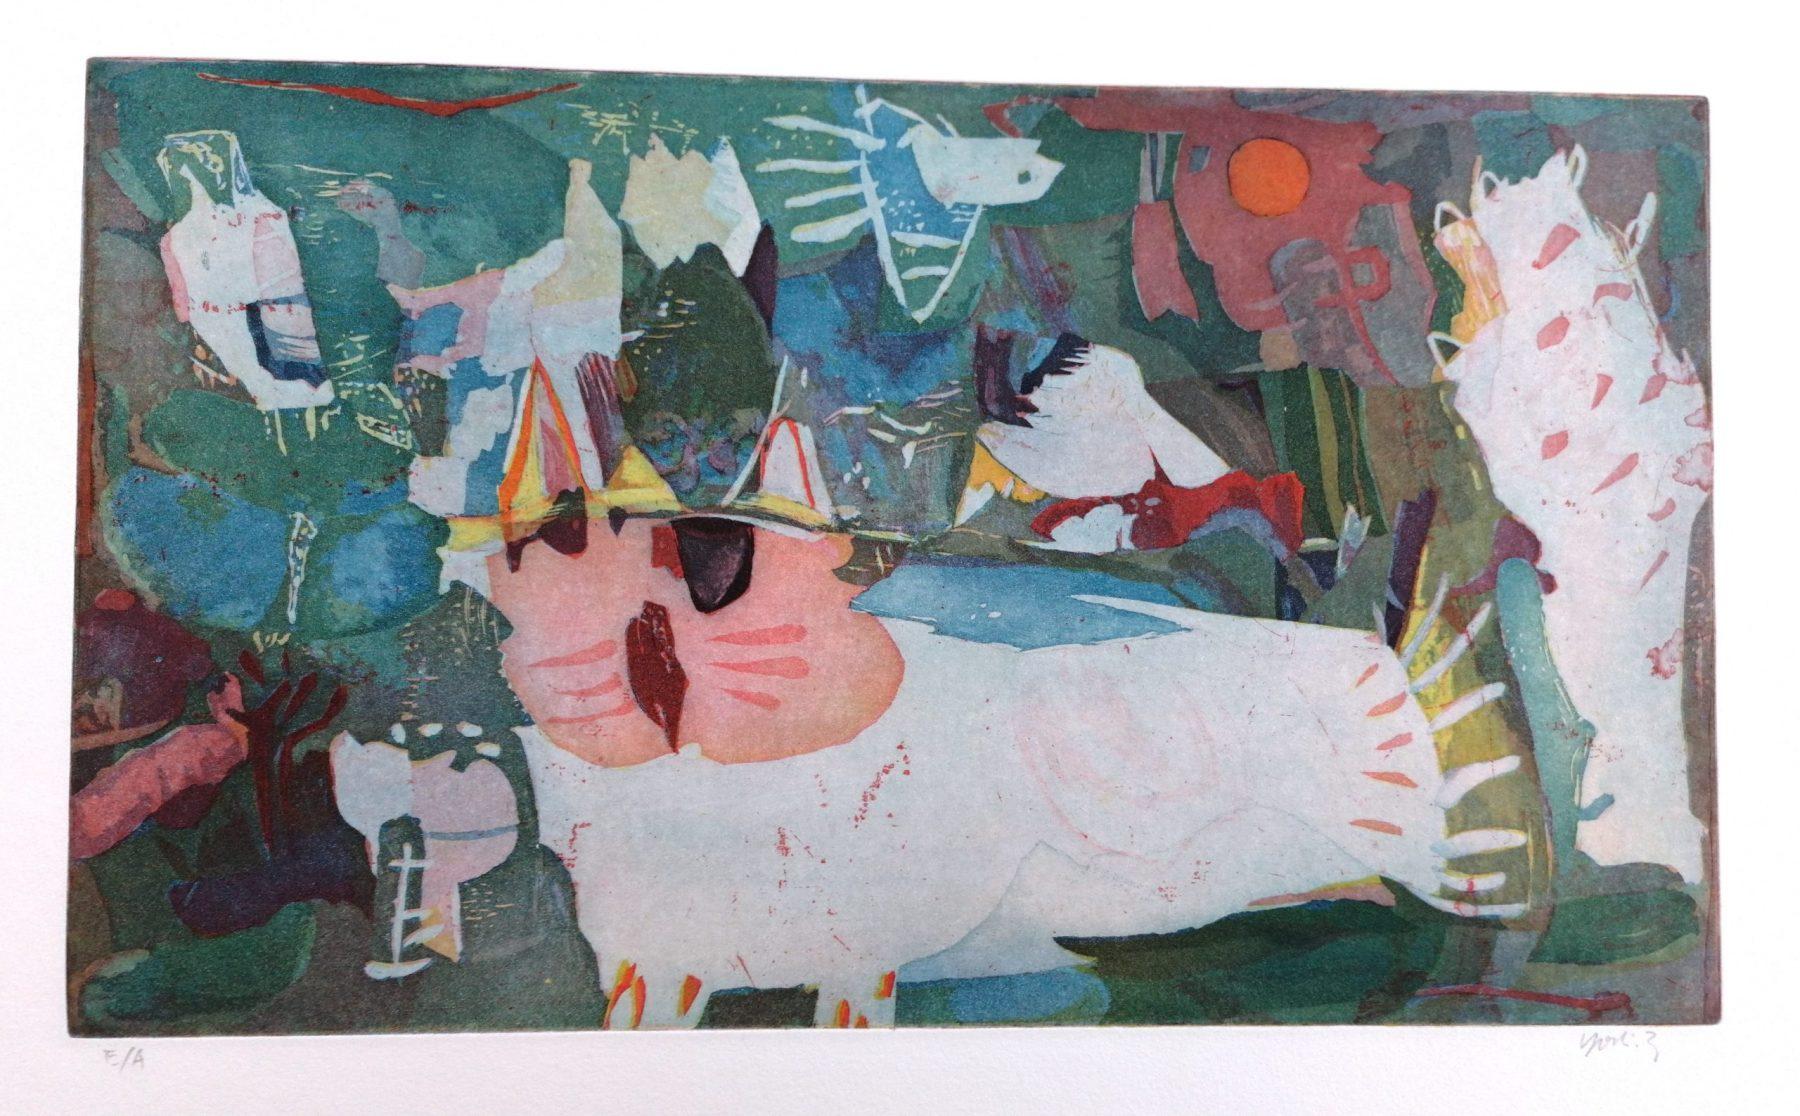 Katze und Vogel - Takahashi, Yoshi - k-04862